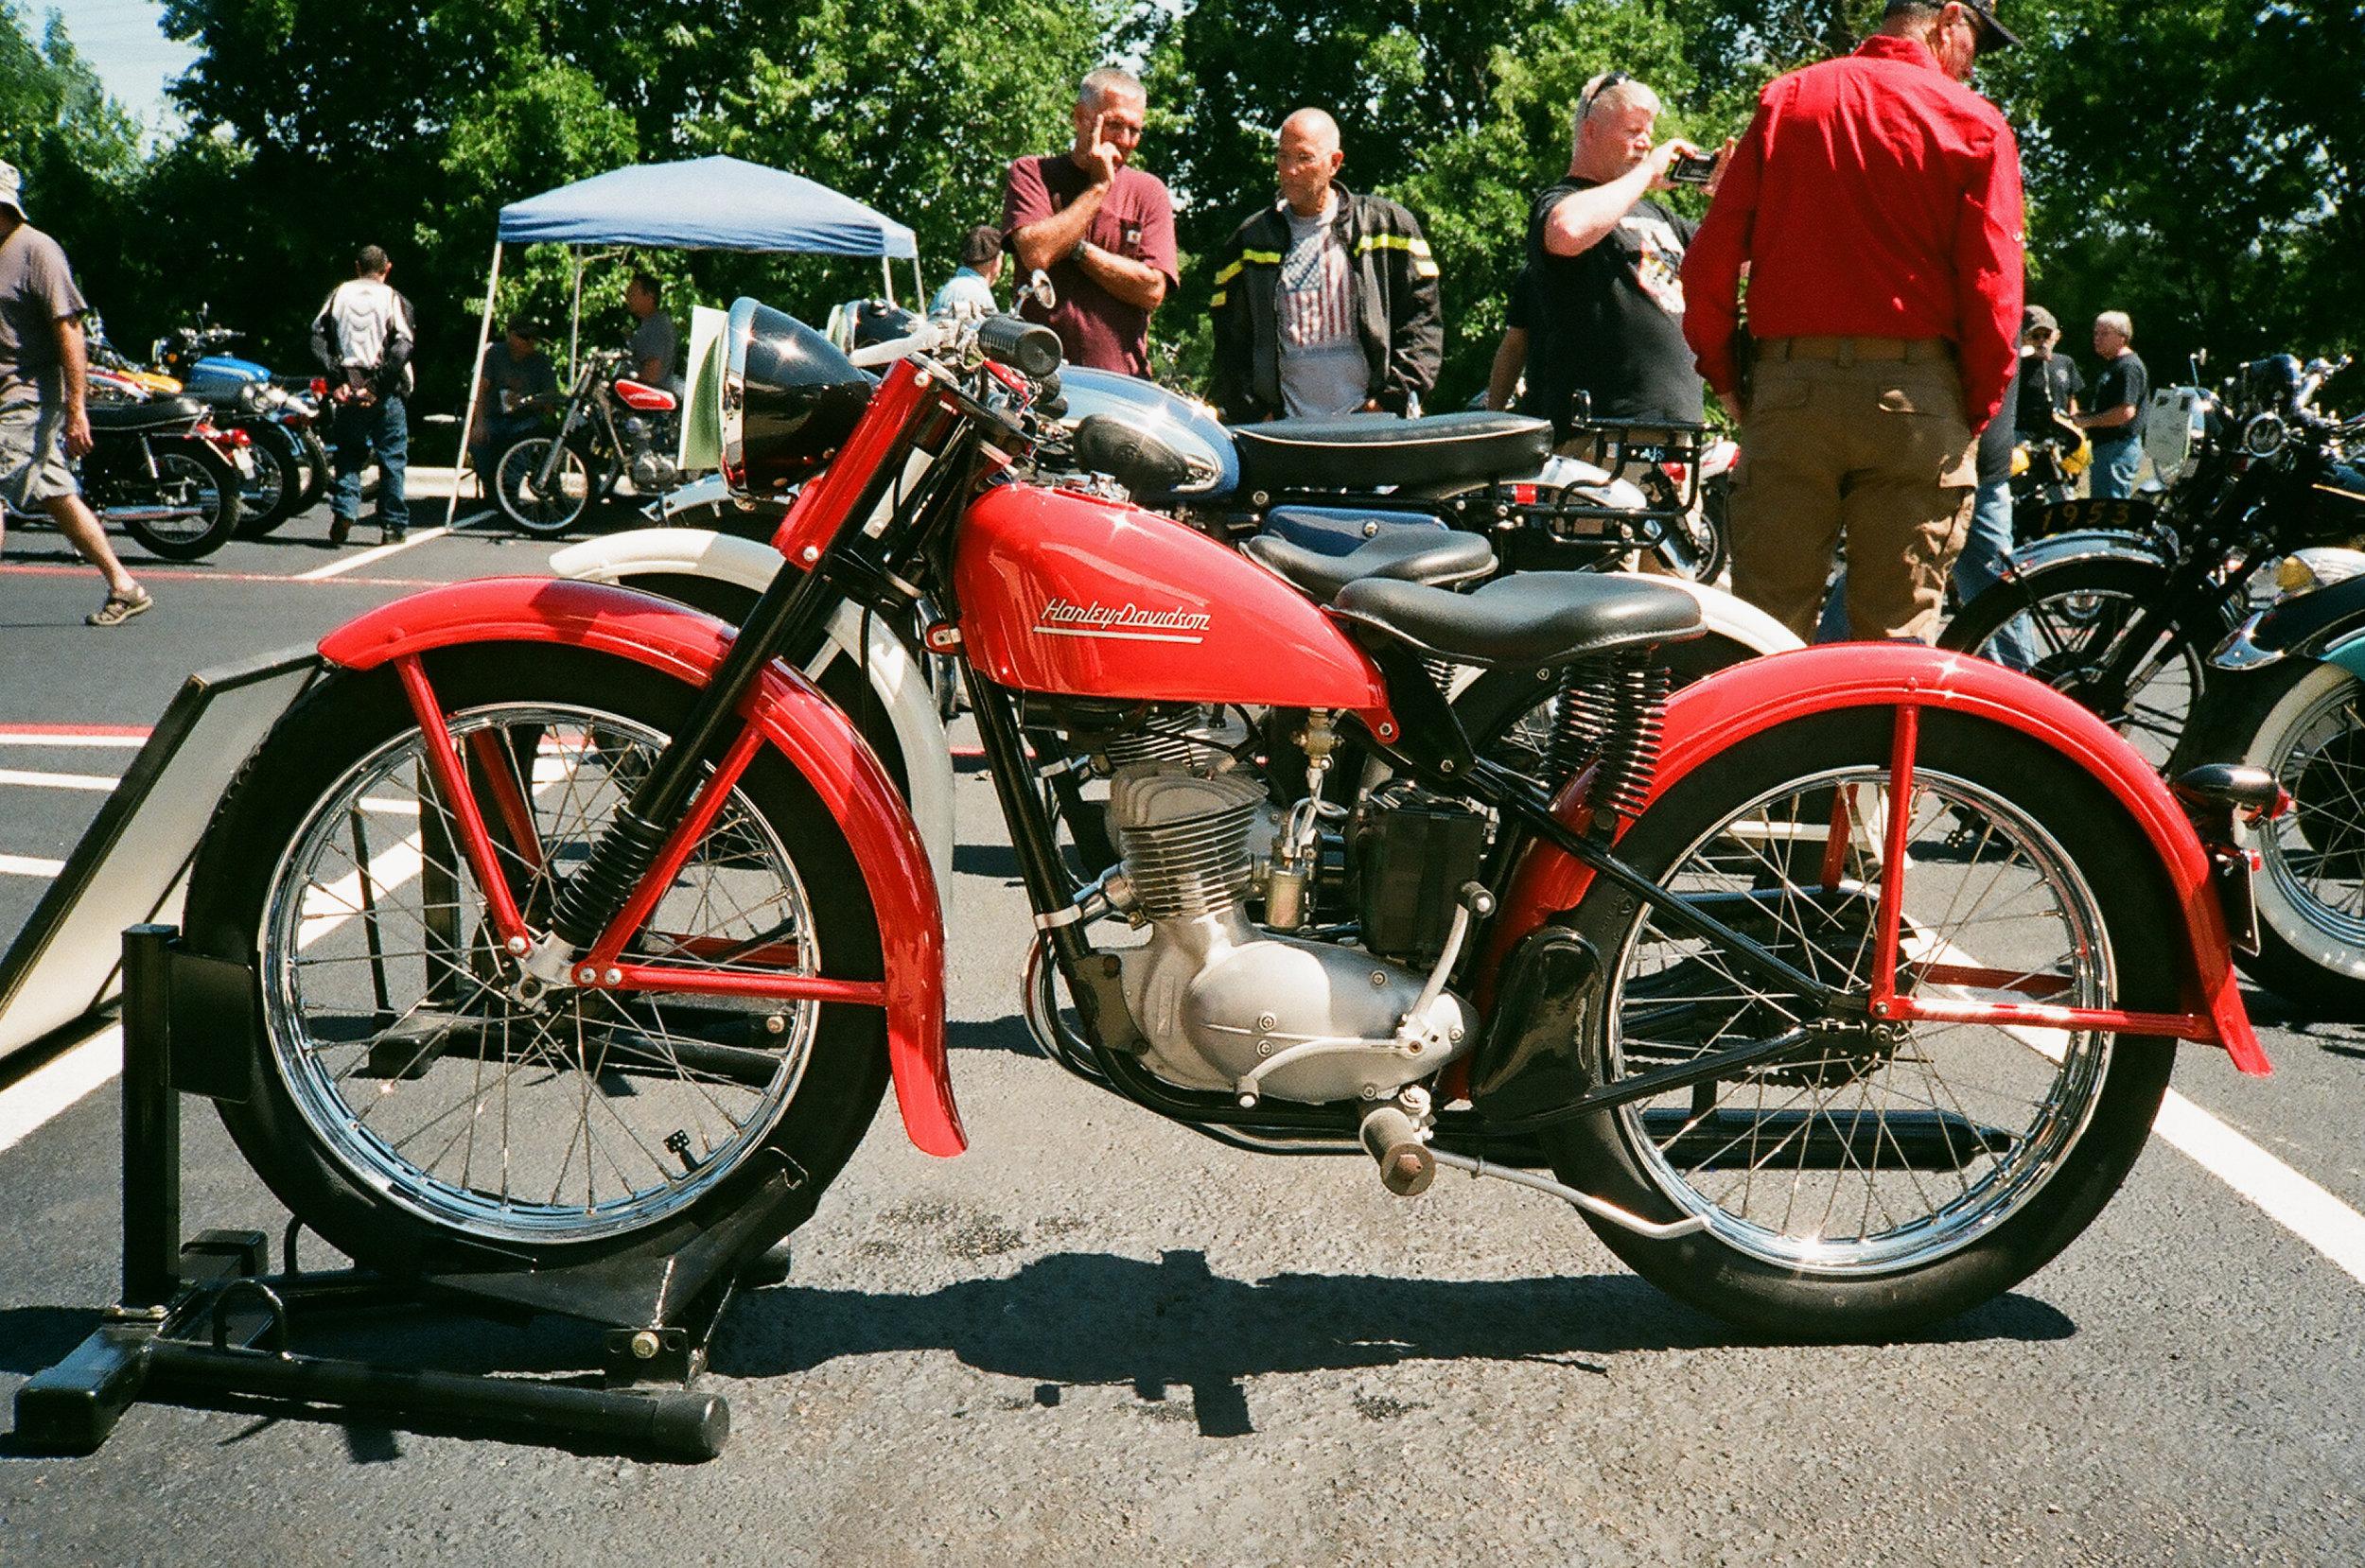 texas-motorcycle-revival-2017-58500017.jpg